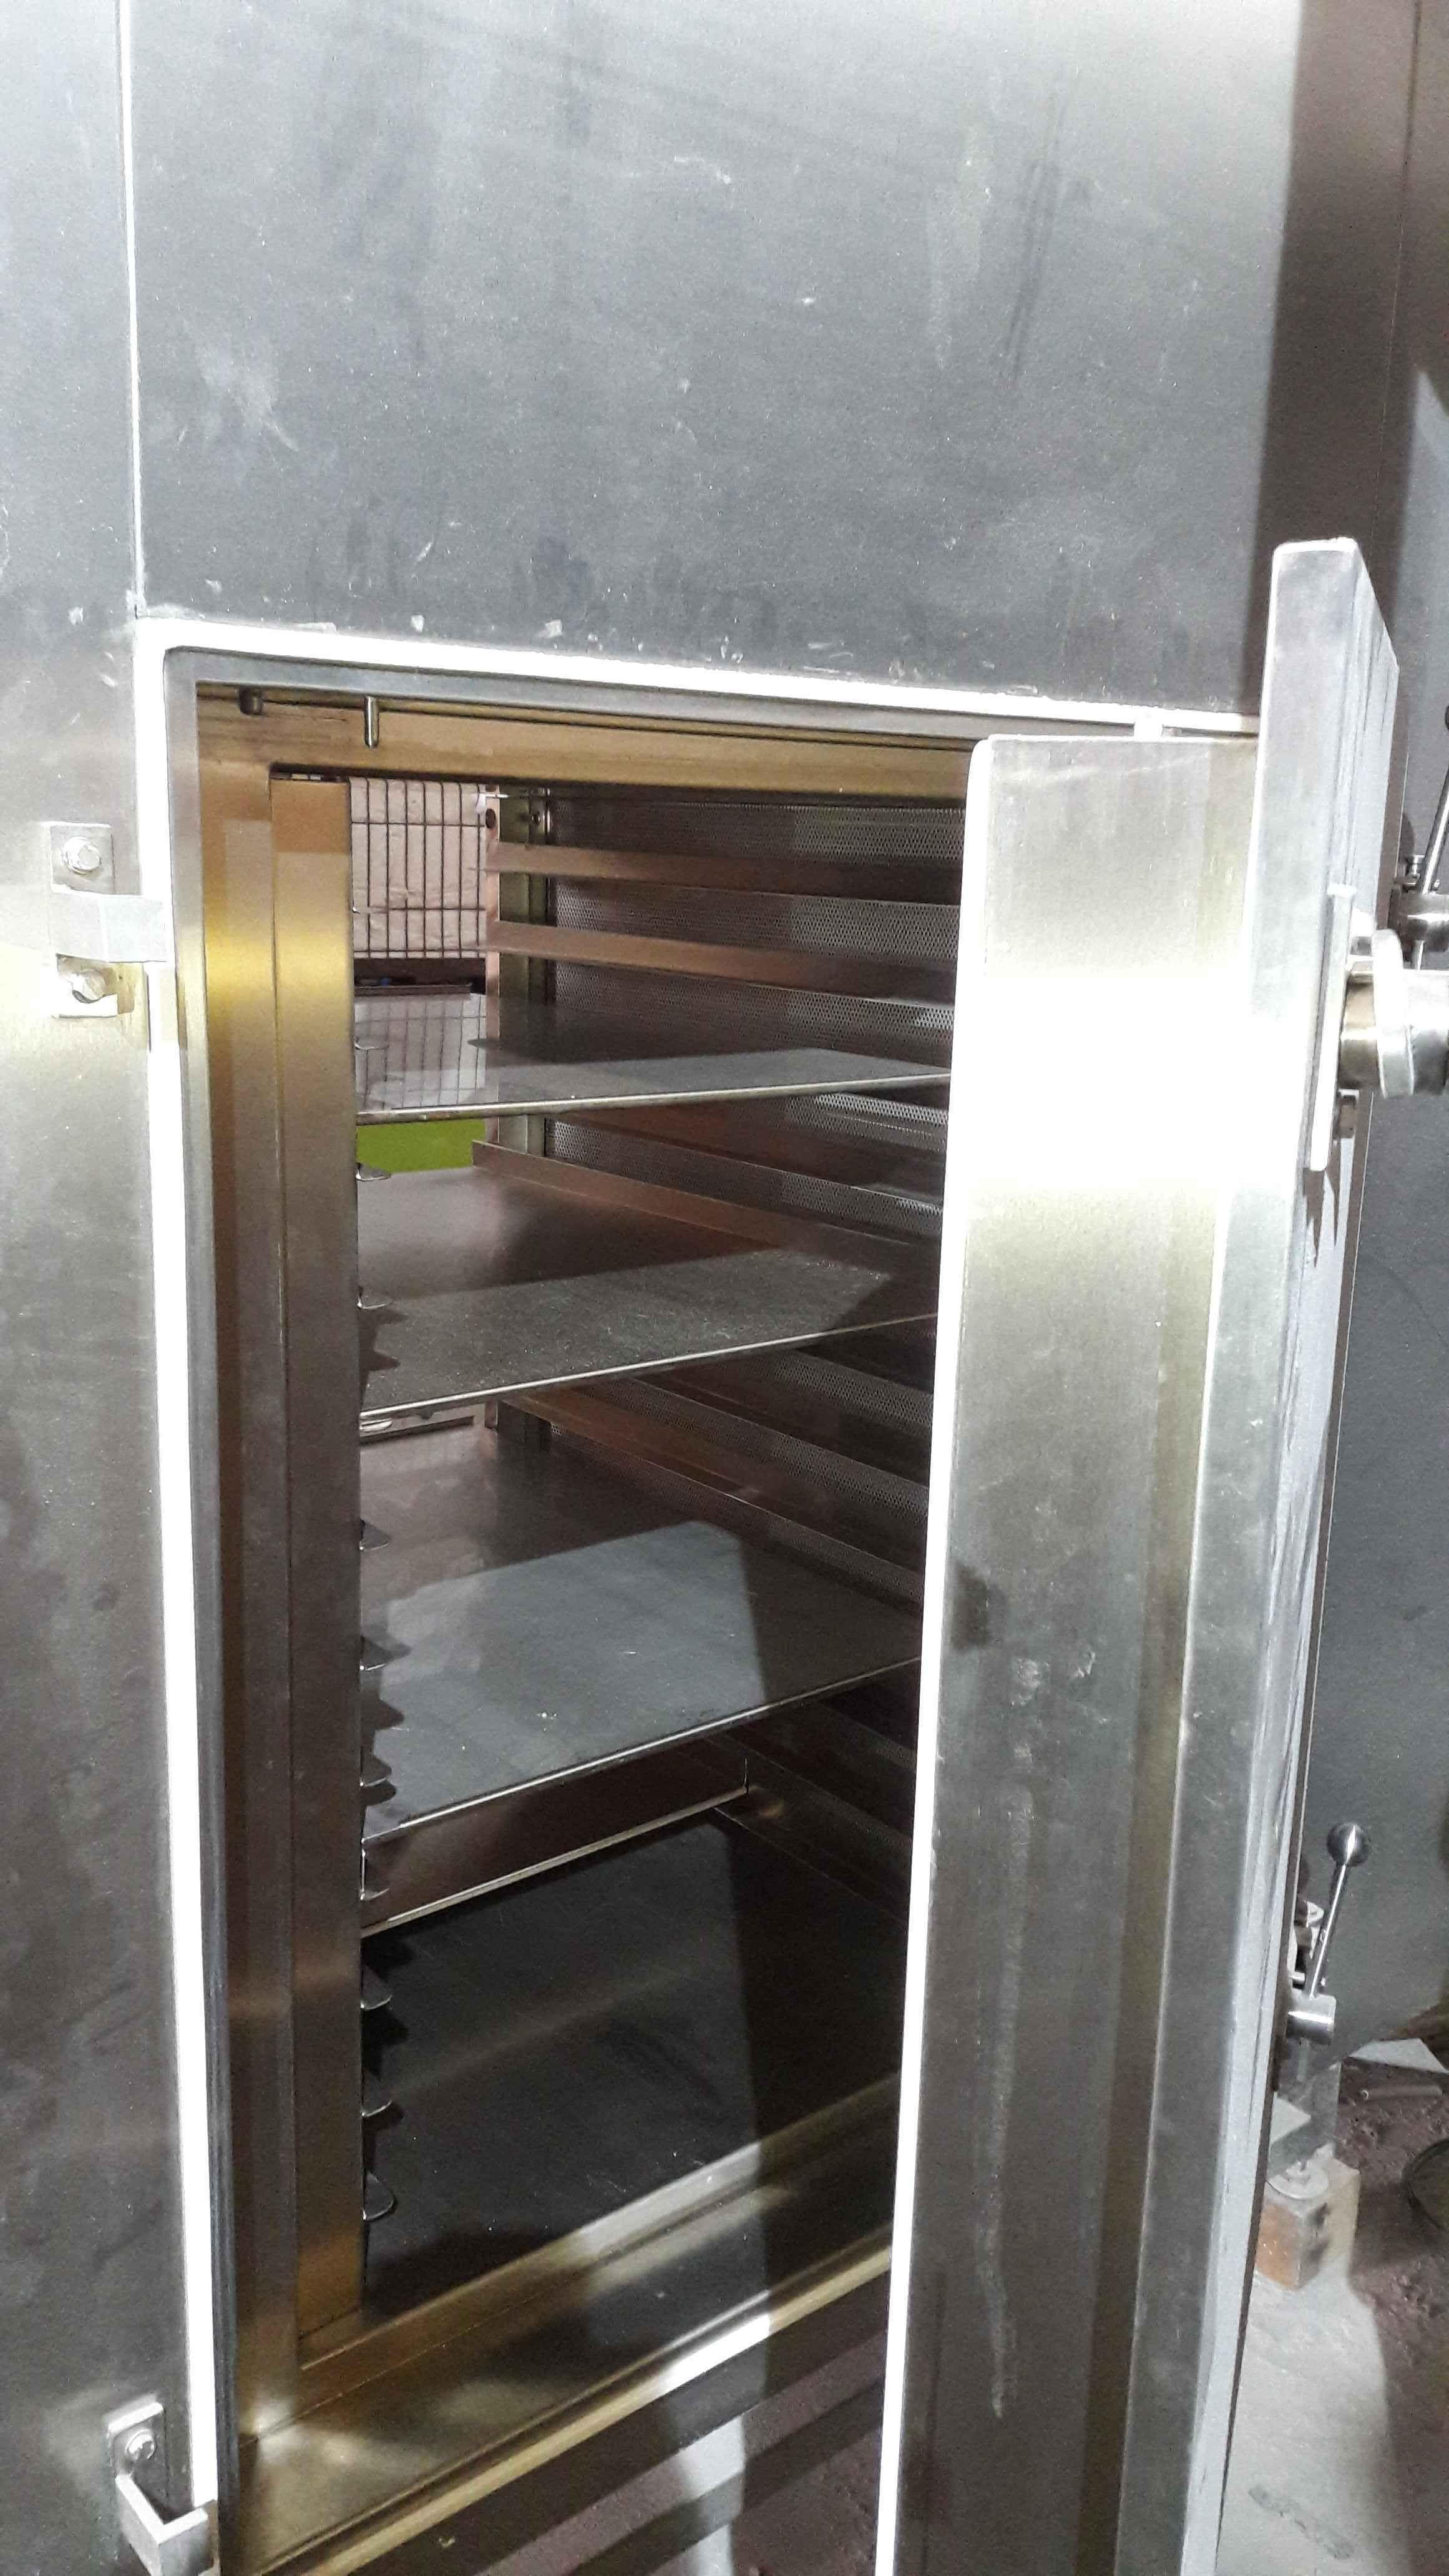 LYTZEN CF1020 DOUBLE DOOR STERILIZATION UNIT